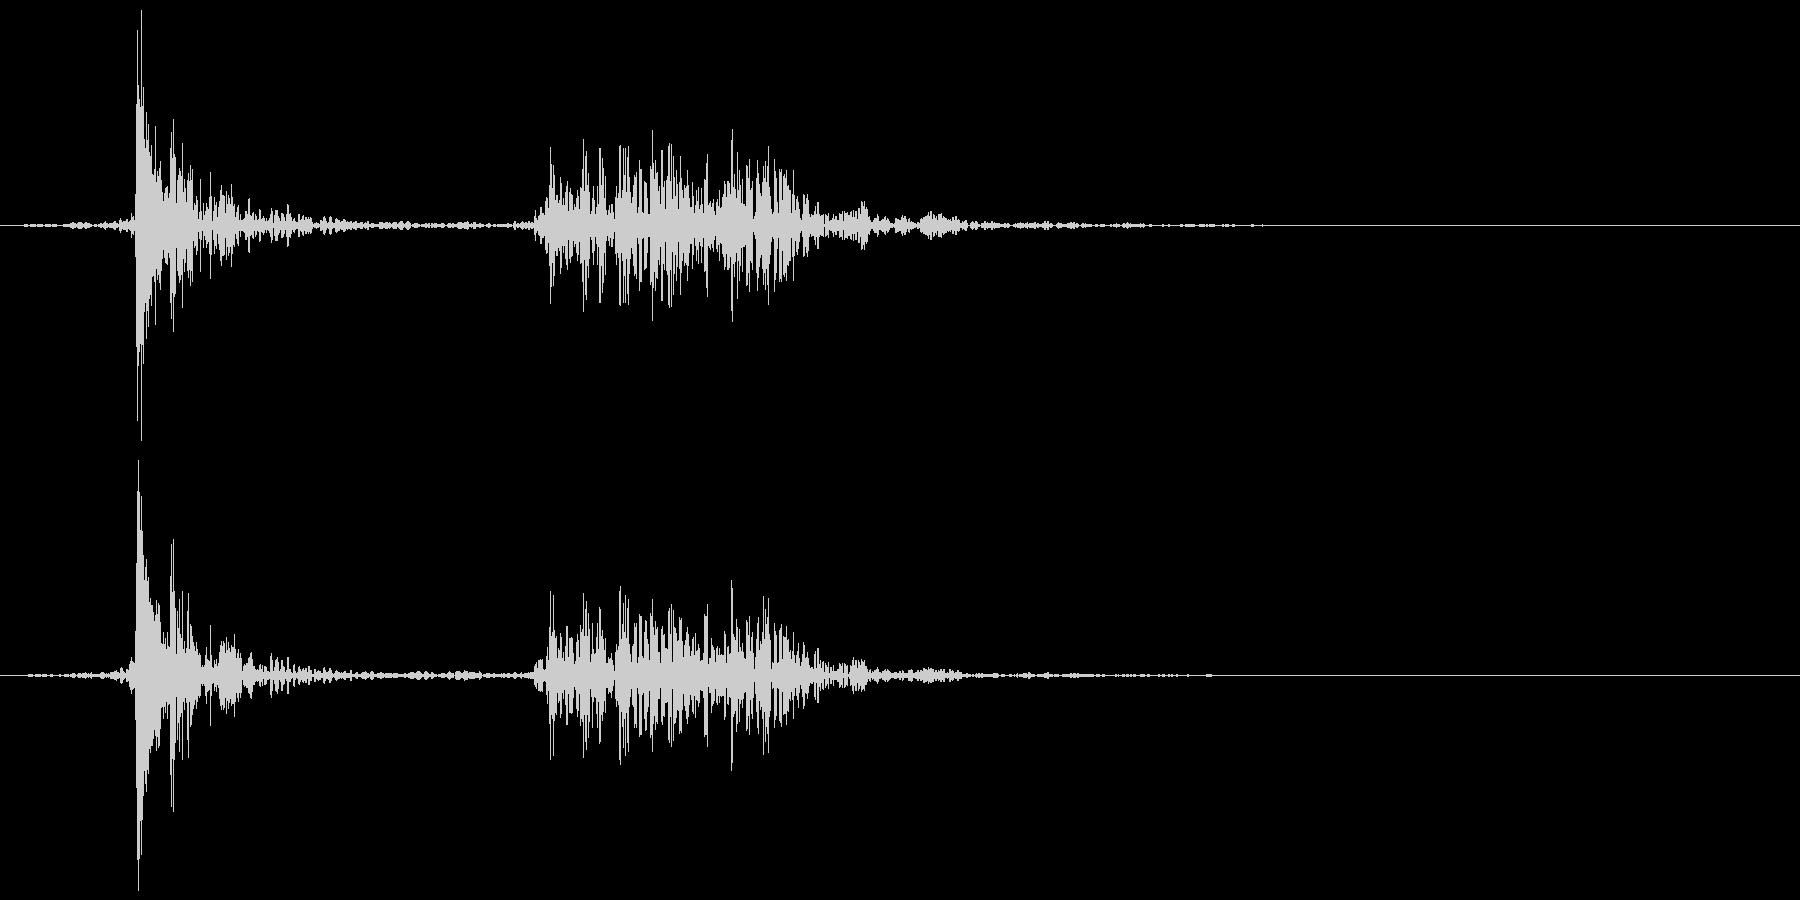 テレビ/ブラウン管 消灯音 カッ、カコンの未再生の波形